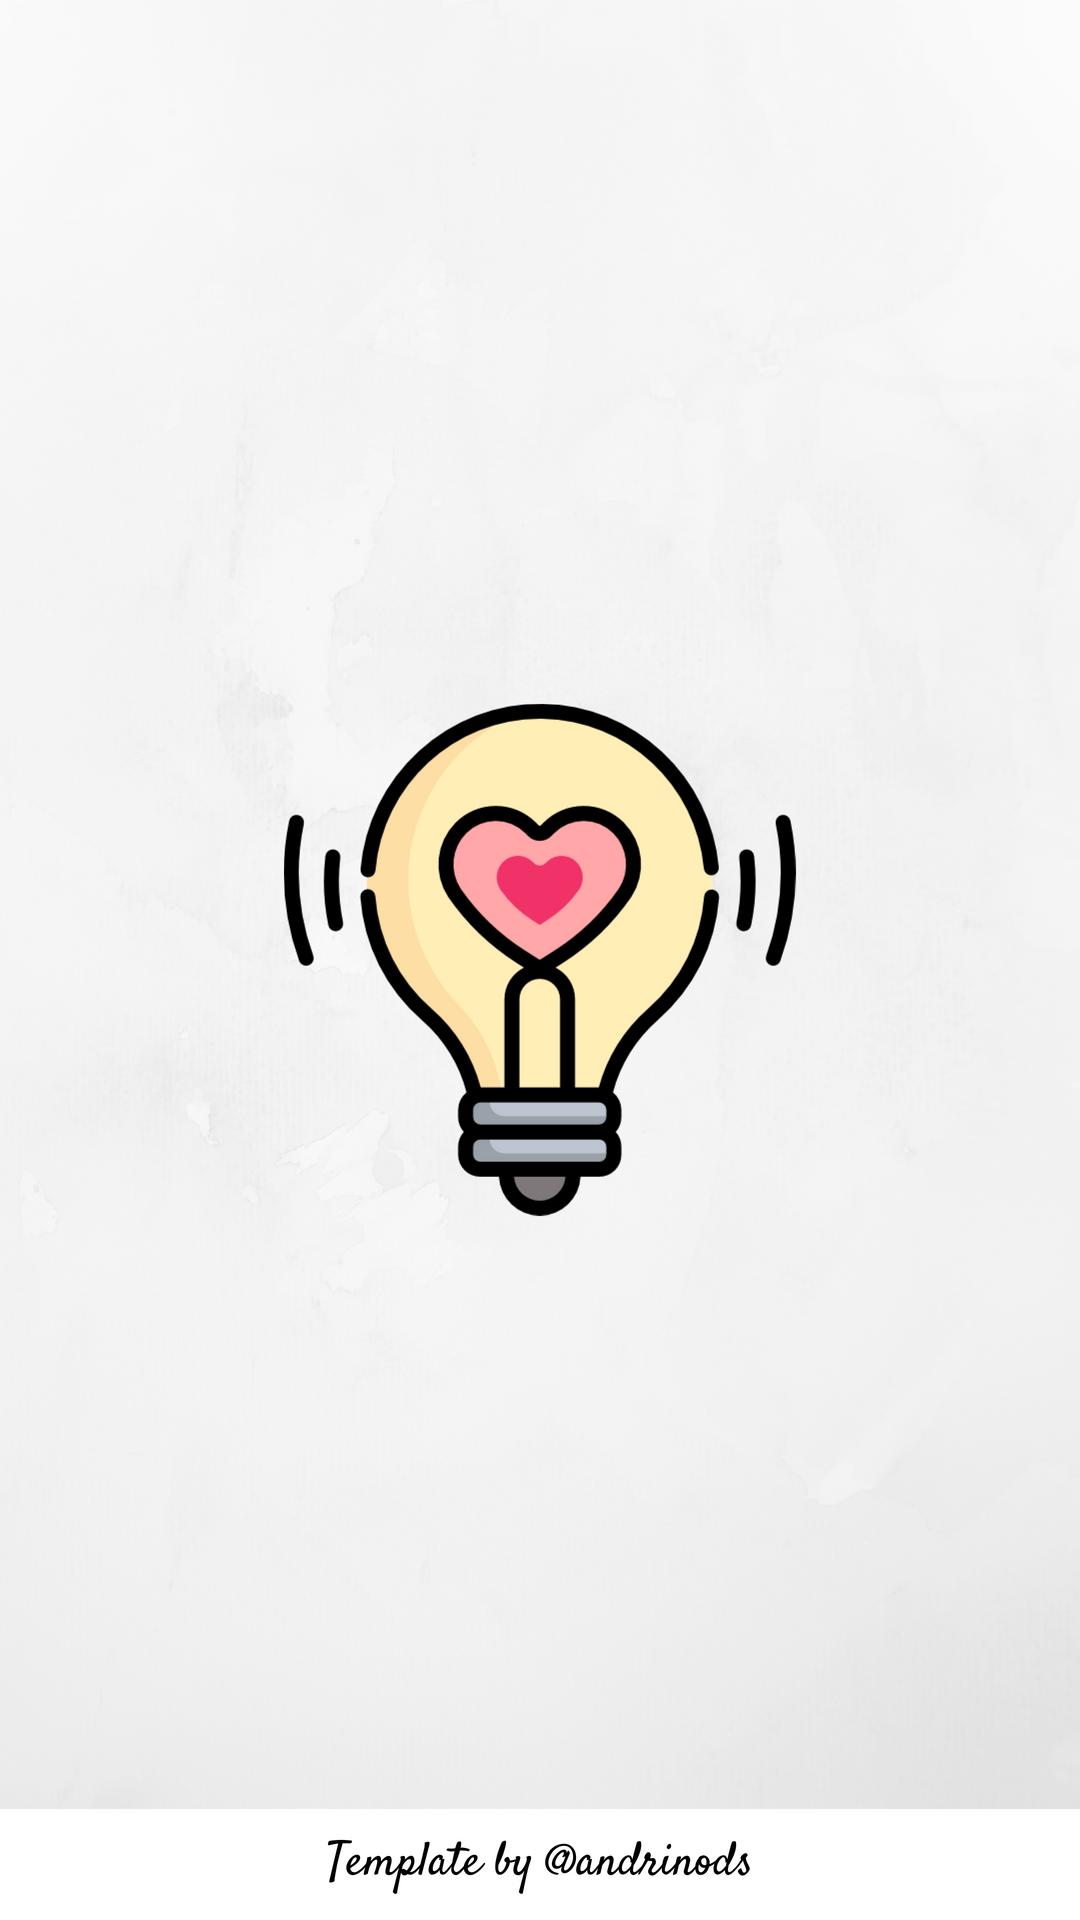 Ideas, quotes Logotipo instagram, Imagem de fundo para